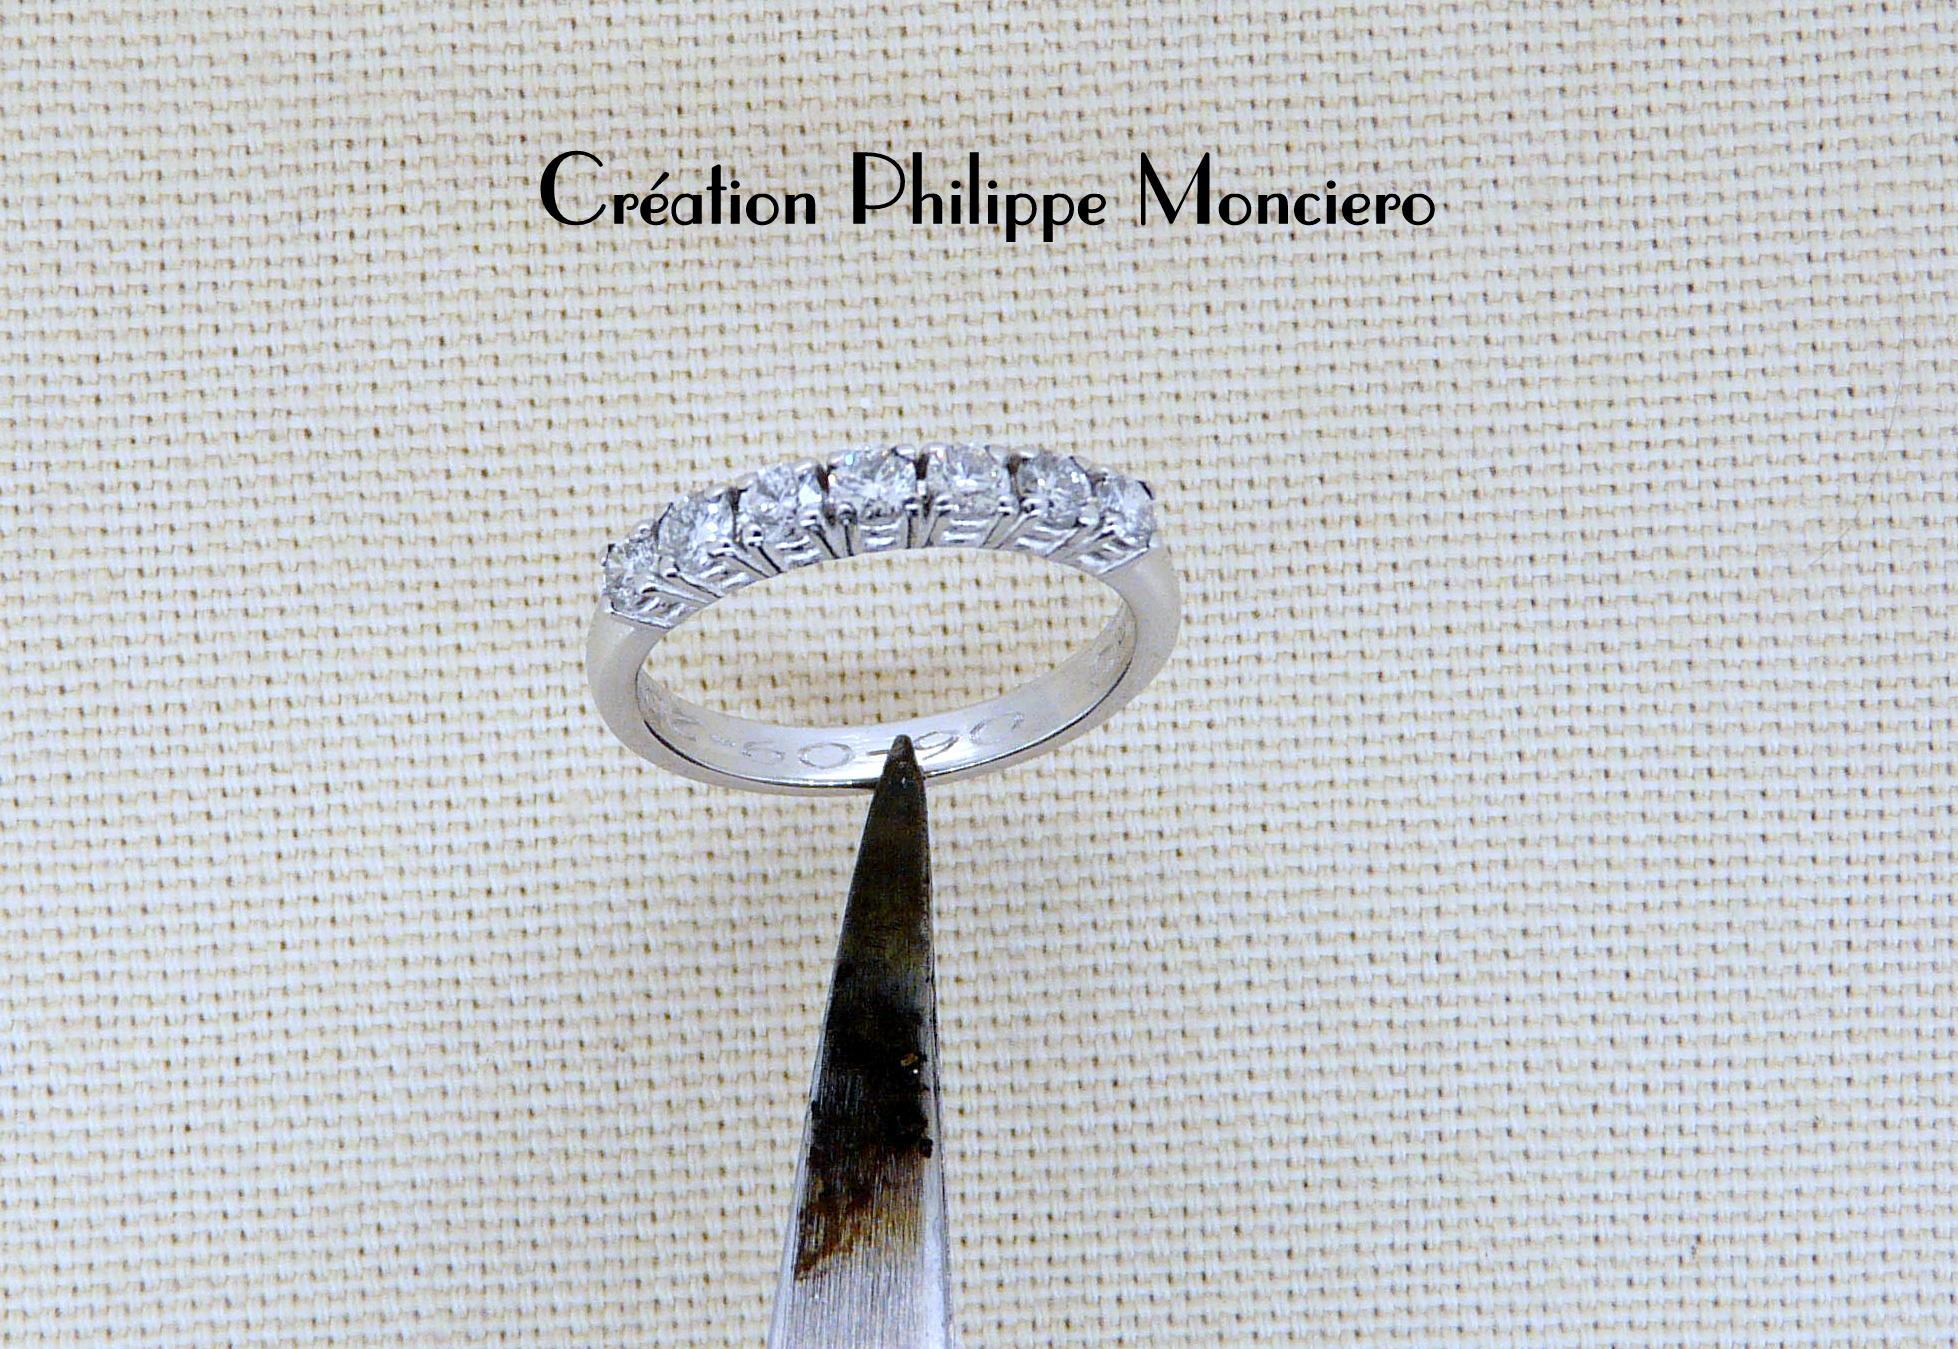 Alliance diamants sur griffes en or blanc. Monciero - Nîmes